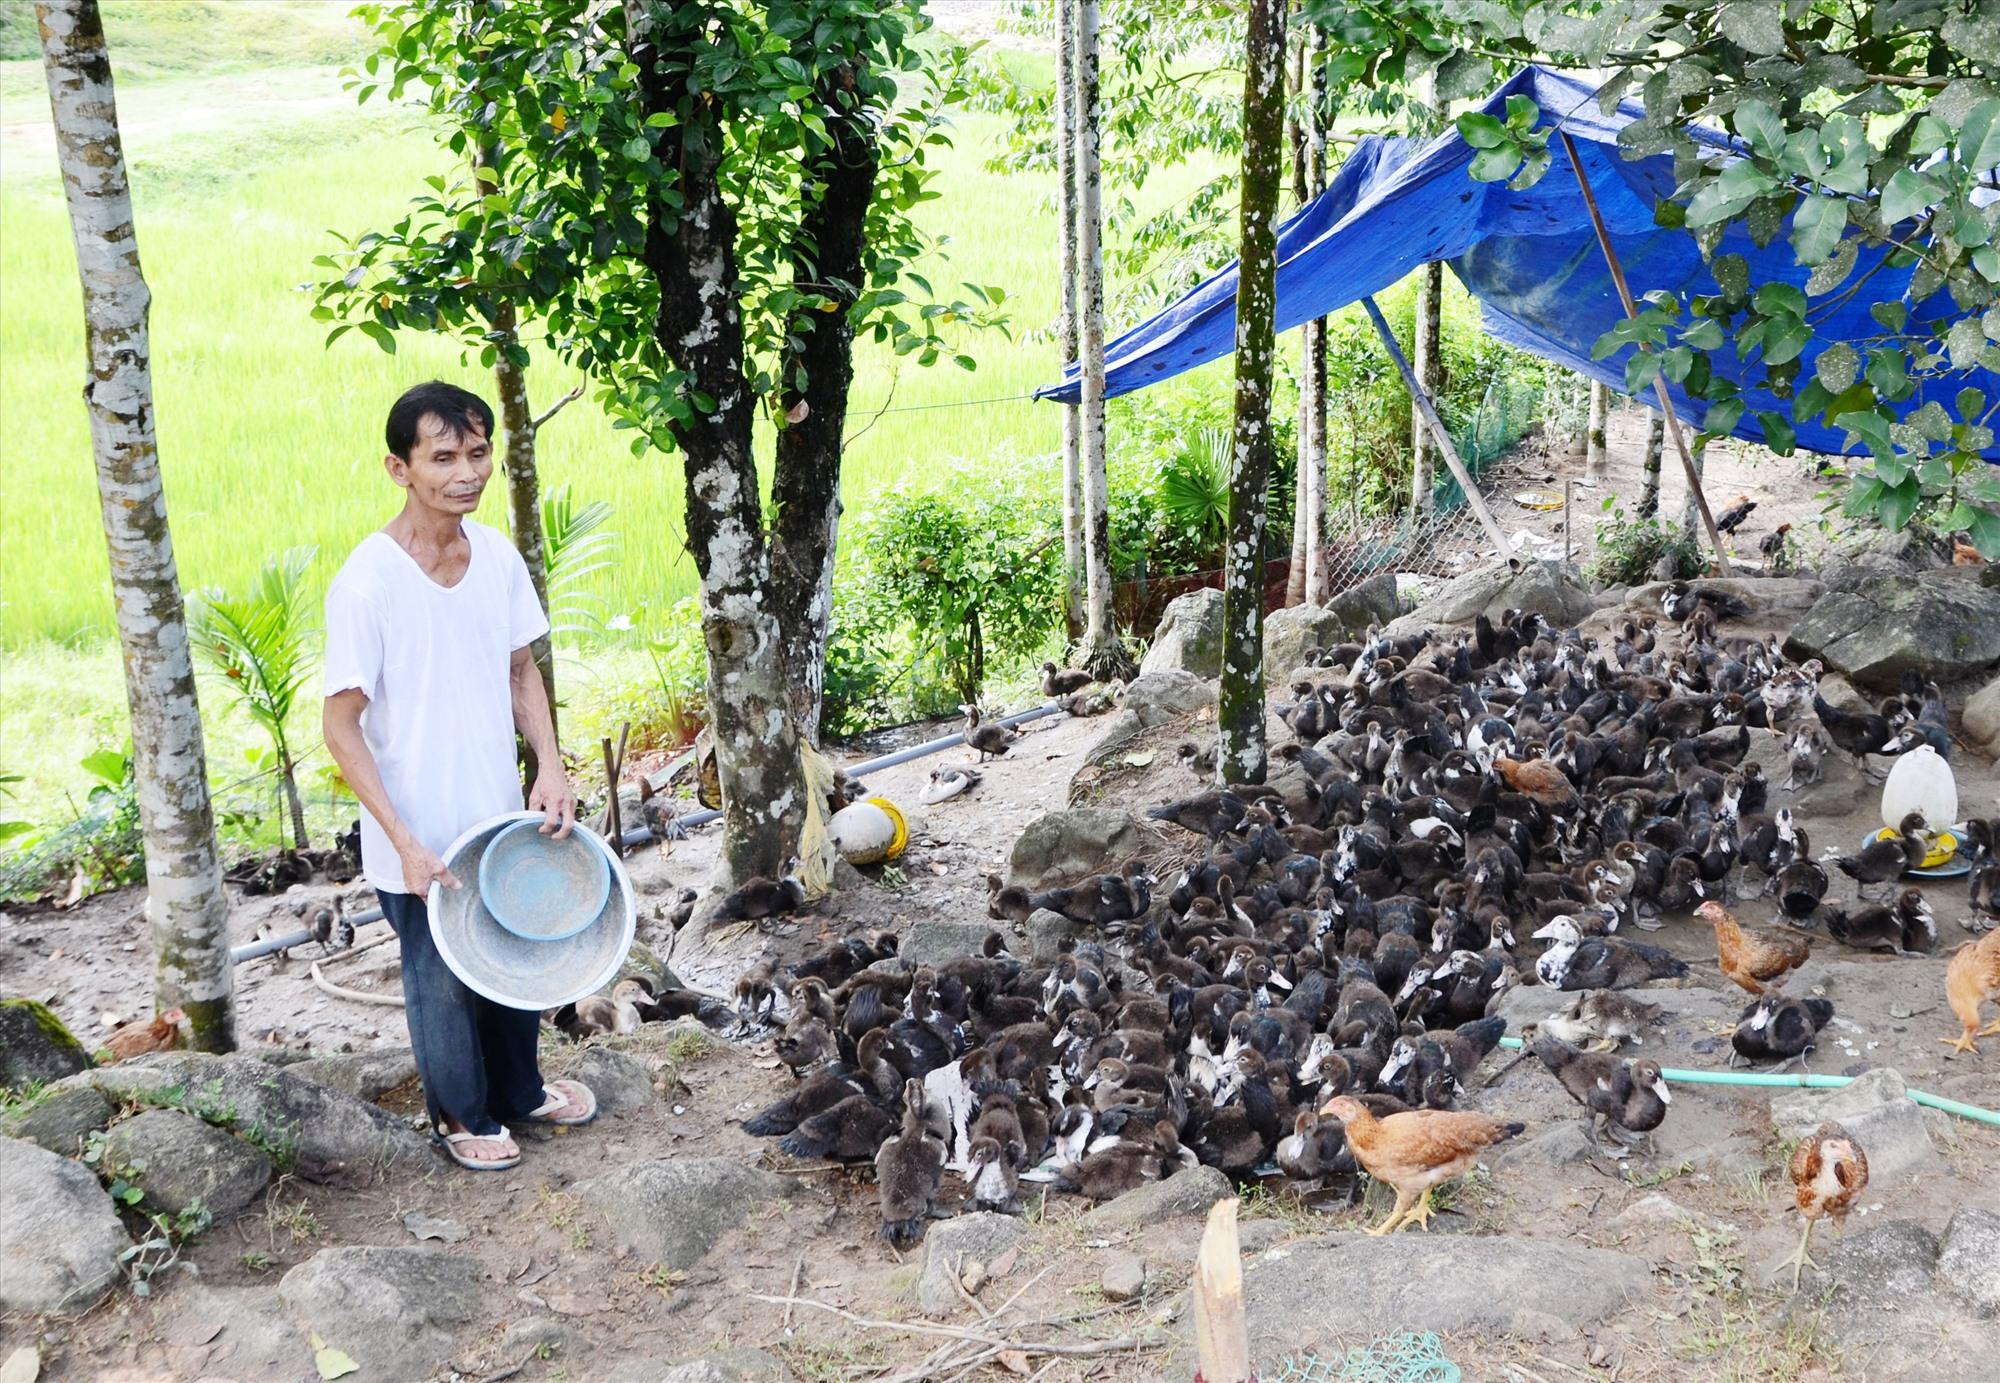 Mô hình chăn nuôi kết hợp trồng trọt của gia đình ông Nguyễn Hữu Nhuận (thôn 3) Tiên Lãnh.Ảnh: H.HOÀNG